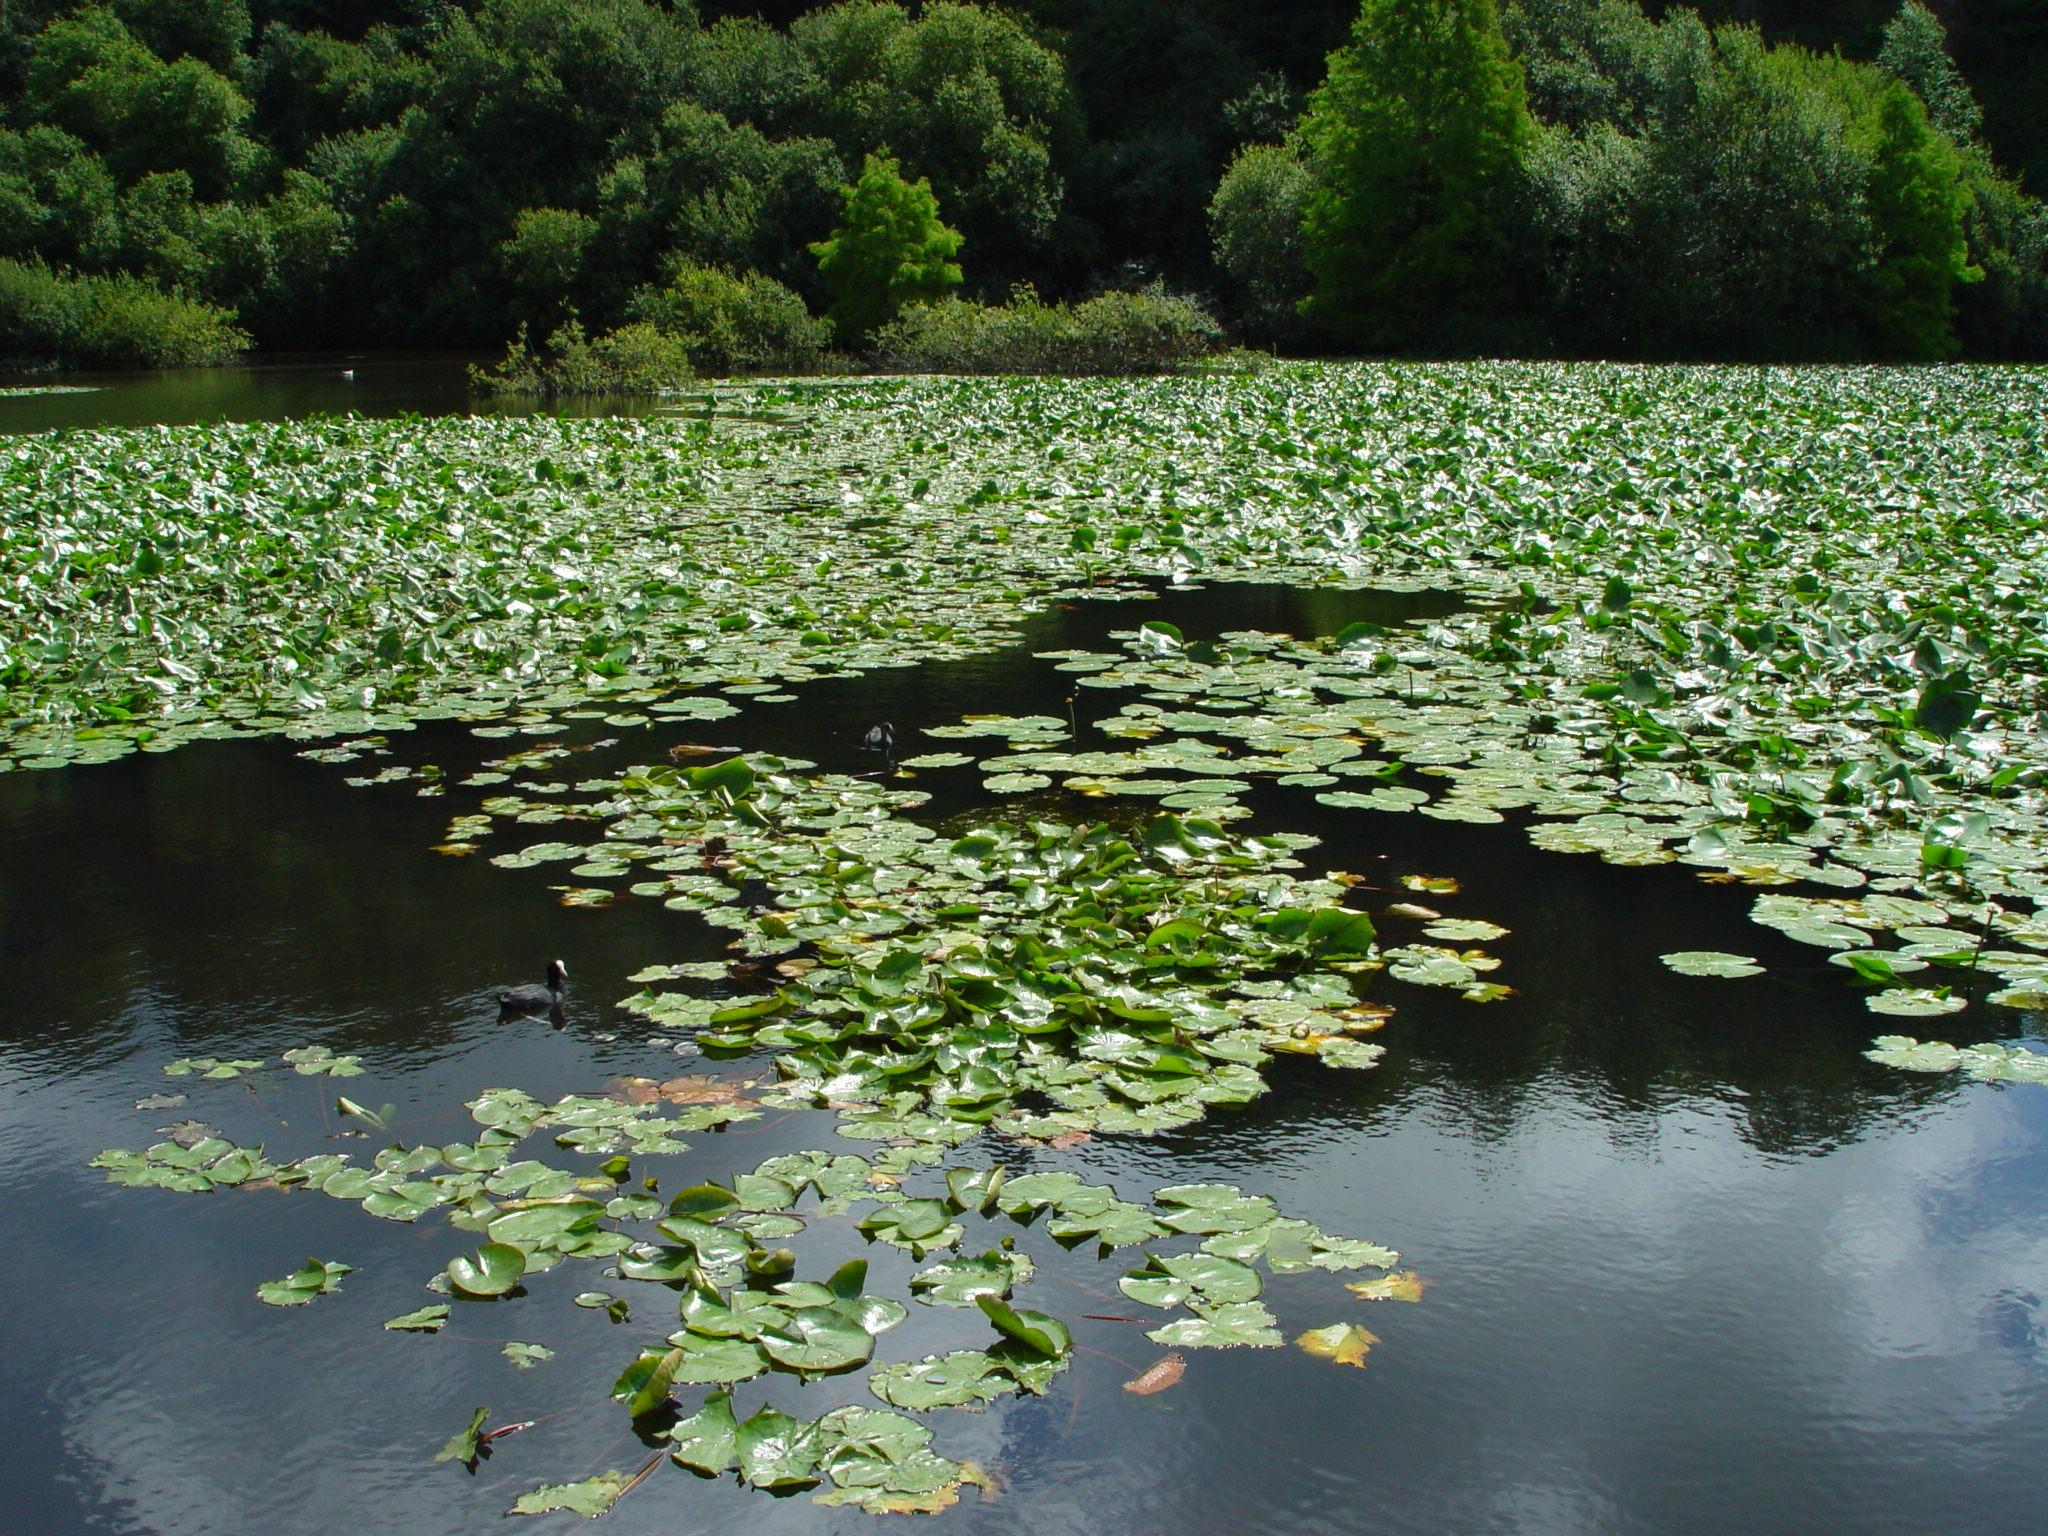 Gratuites arbre eau la nature plante feuille fleur